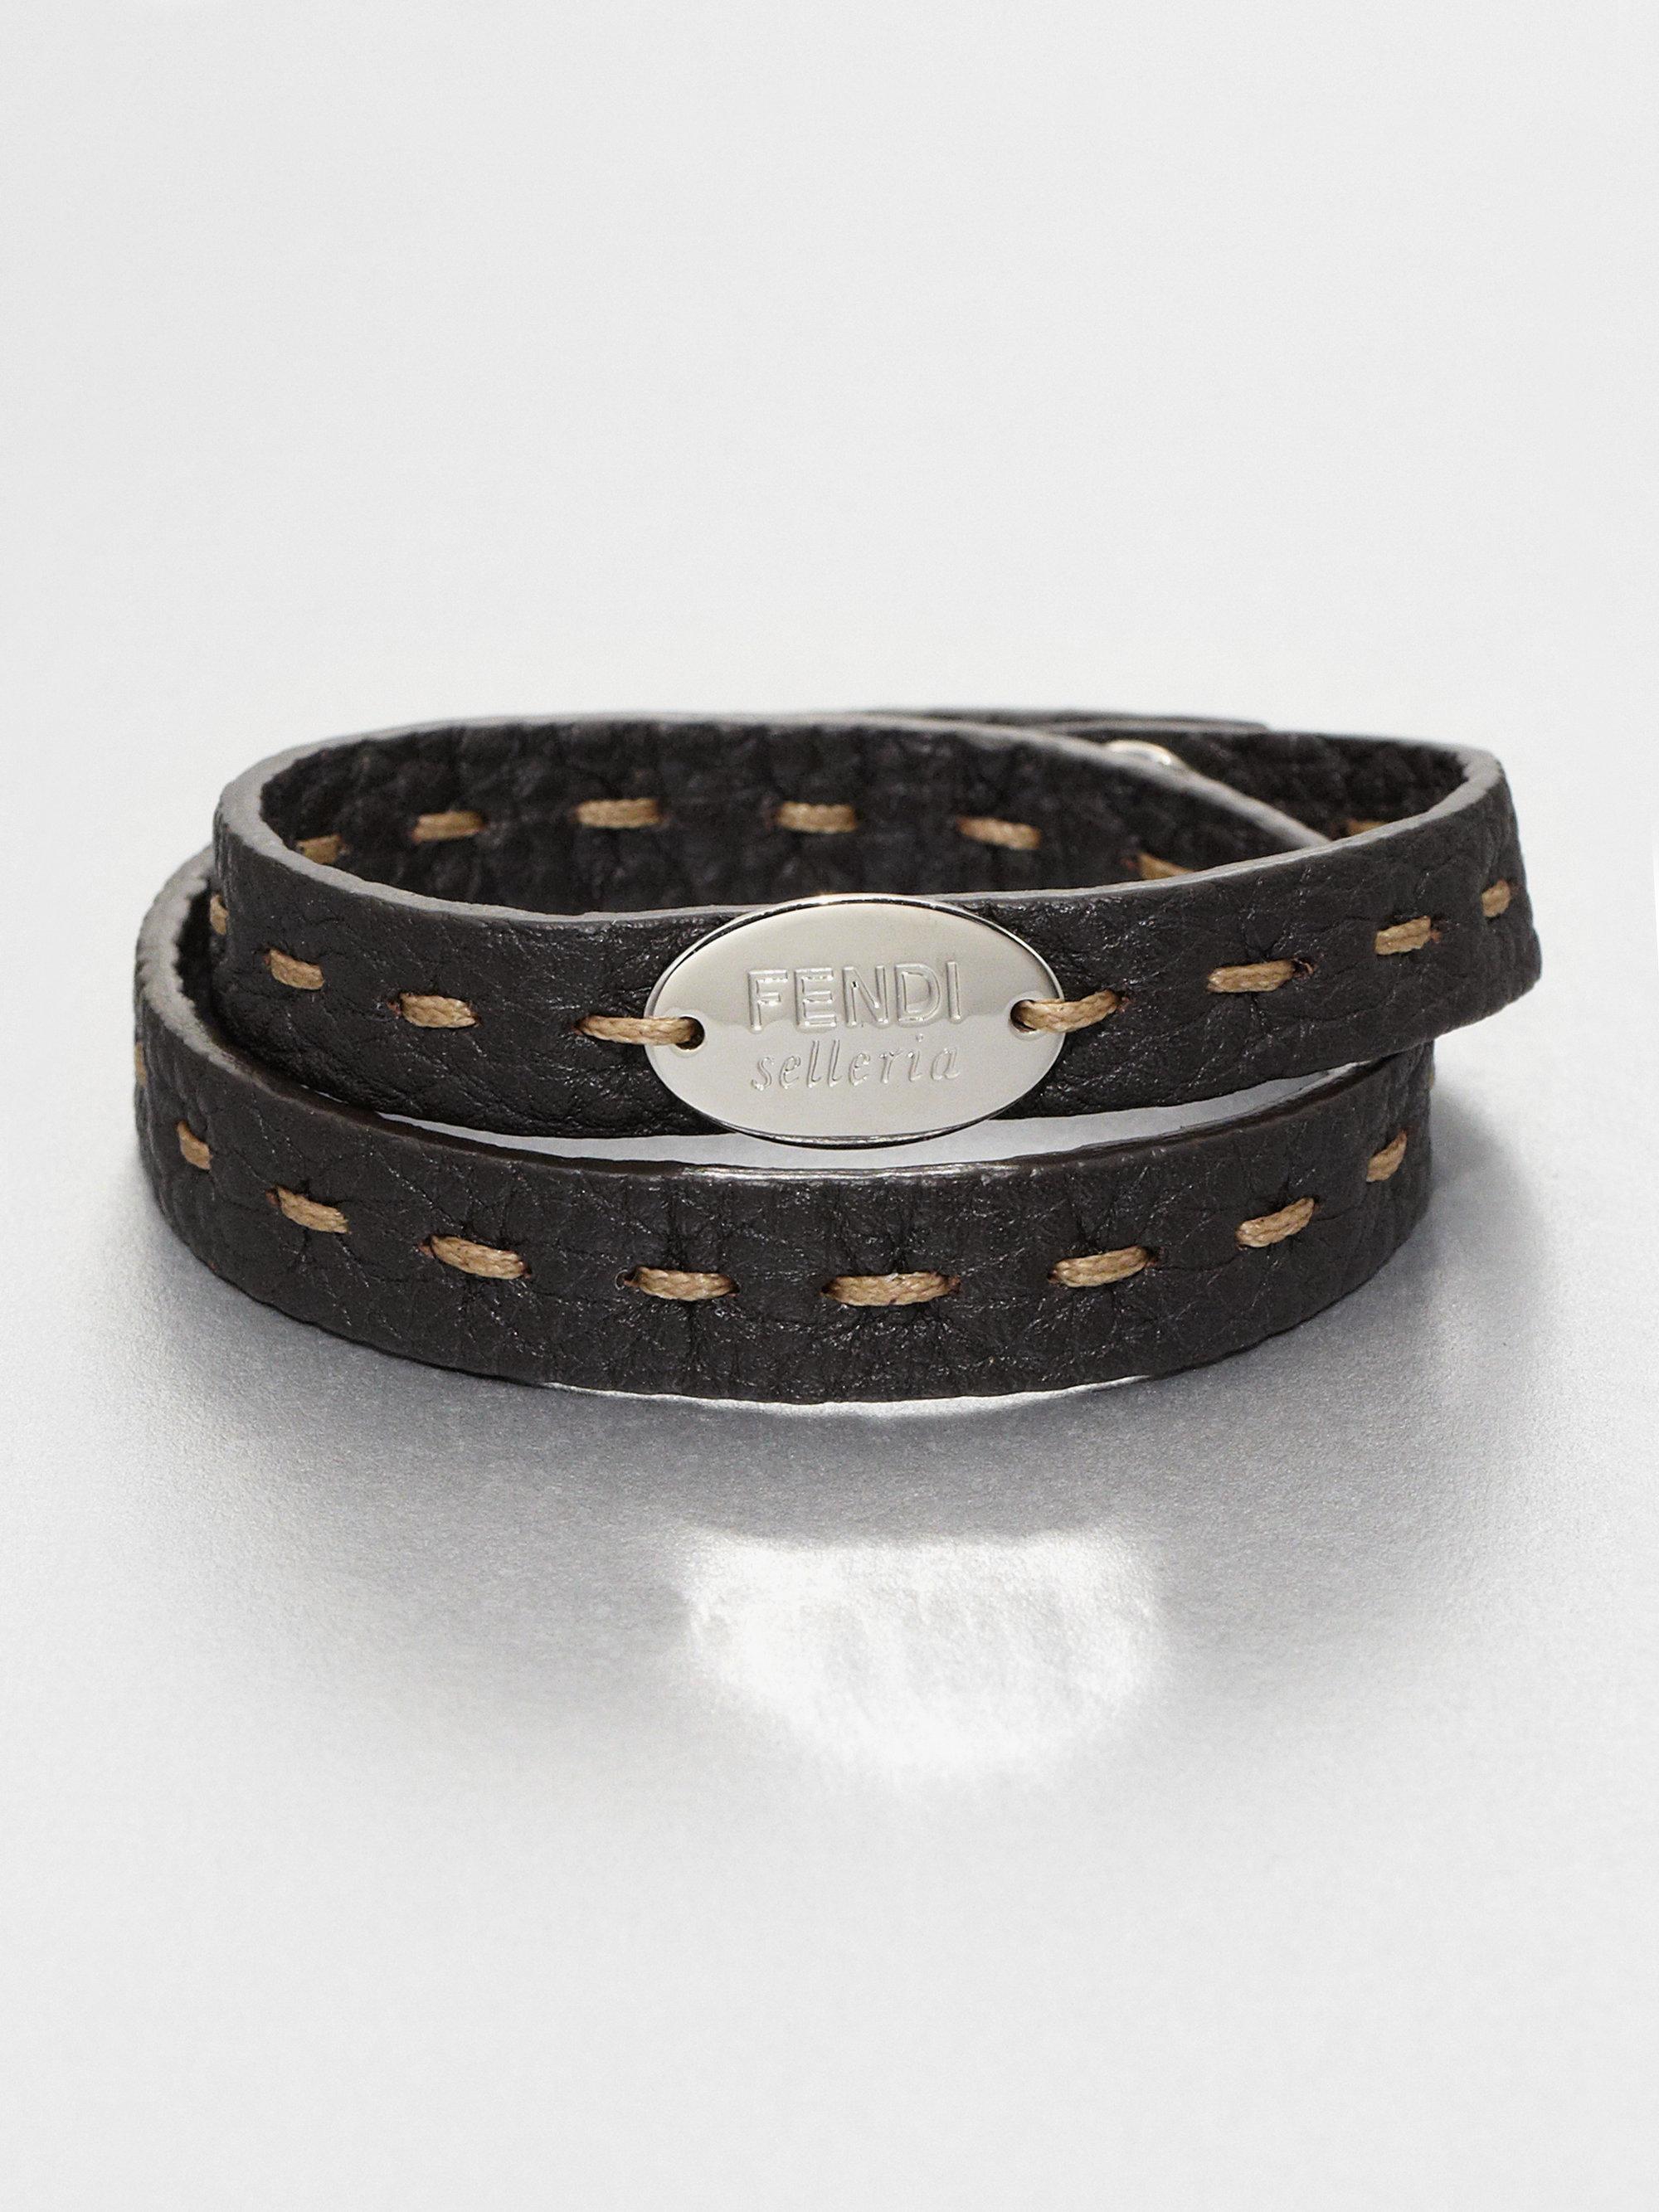 Fendi Selleria Leather Bracelet In Black For Men Lyst